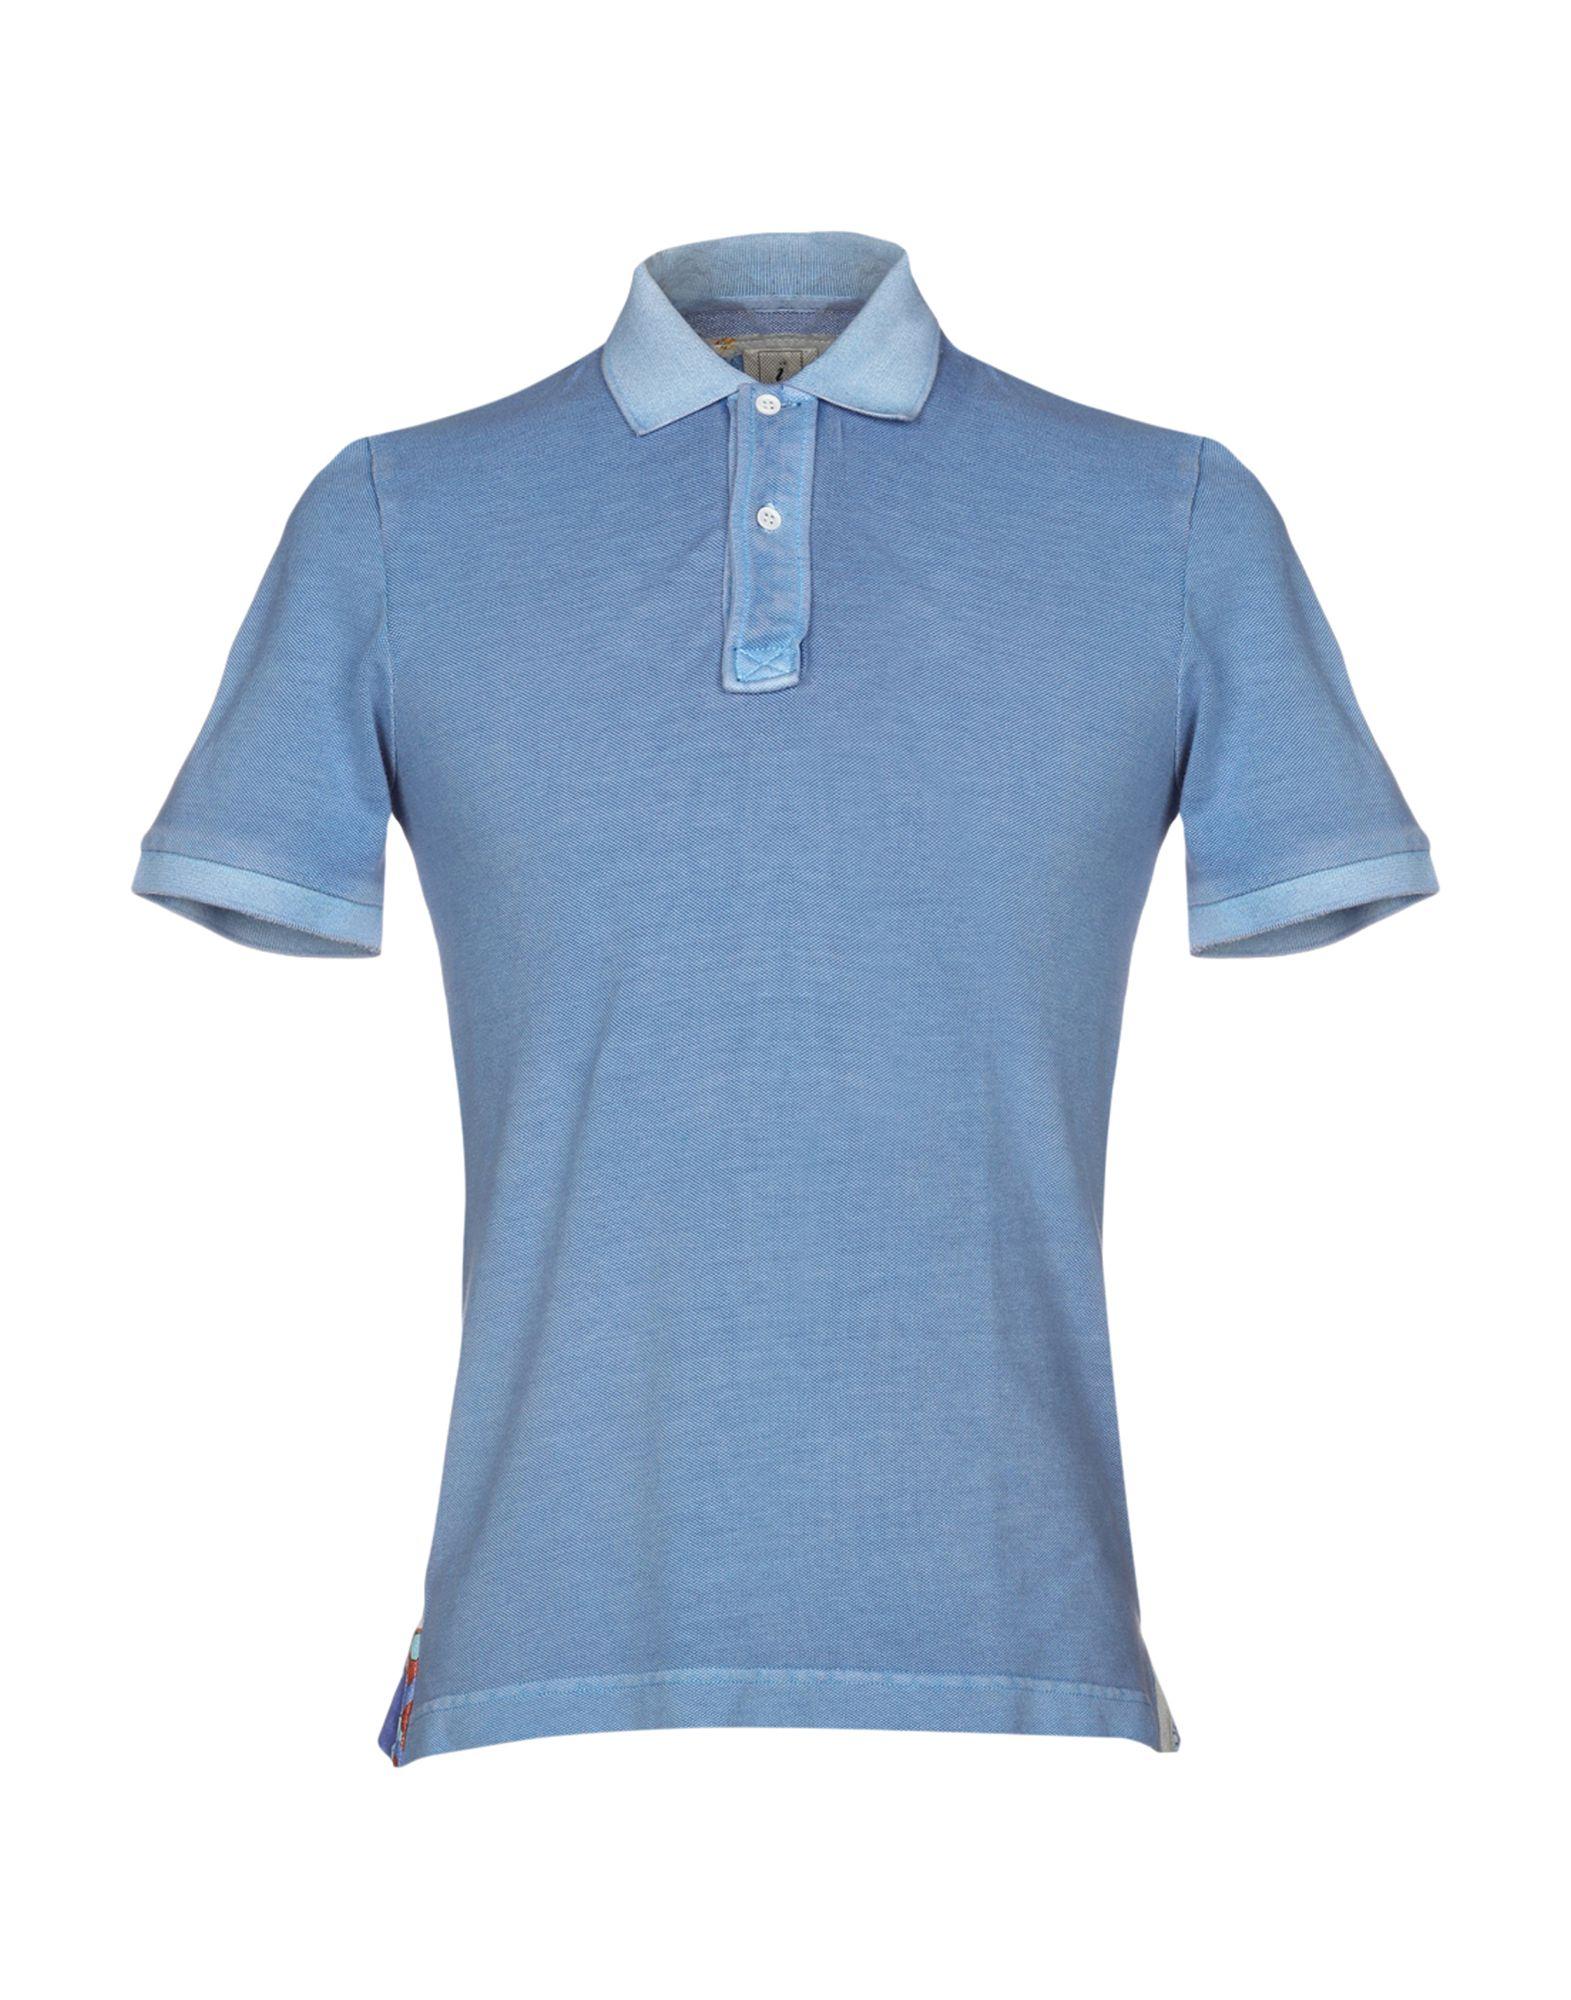 《送料無料》DRUMOHR メンズ ポロシャツ アジュールブルー XS コットン 100%